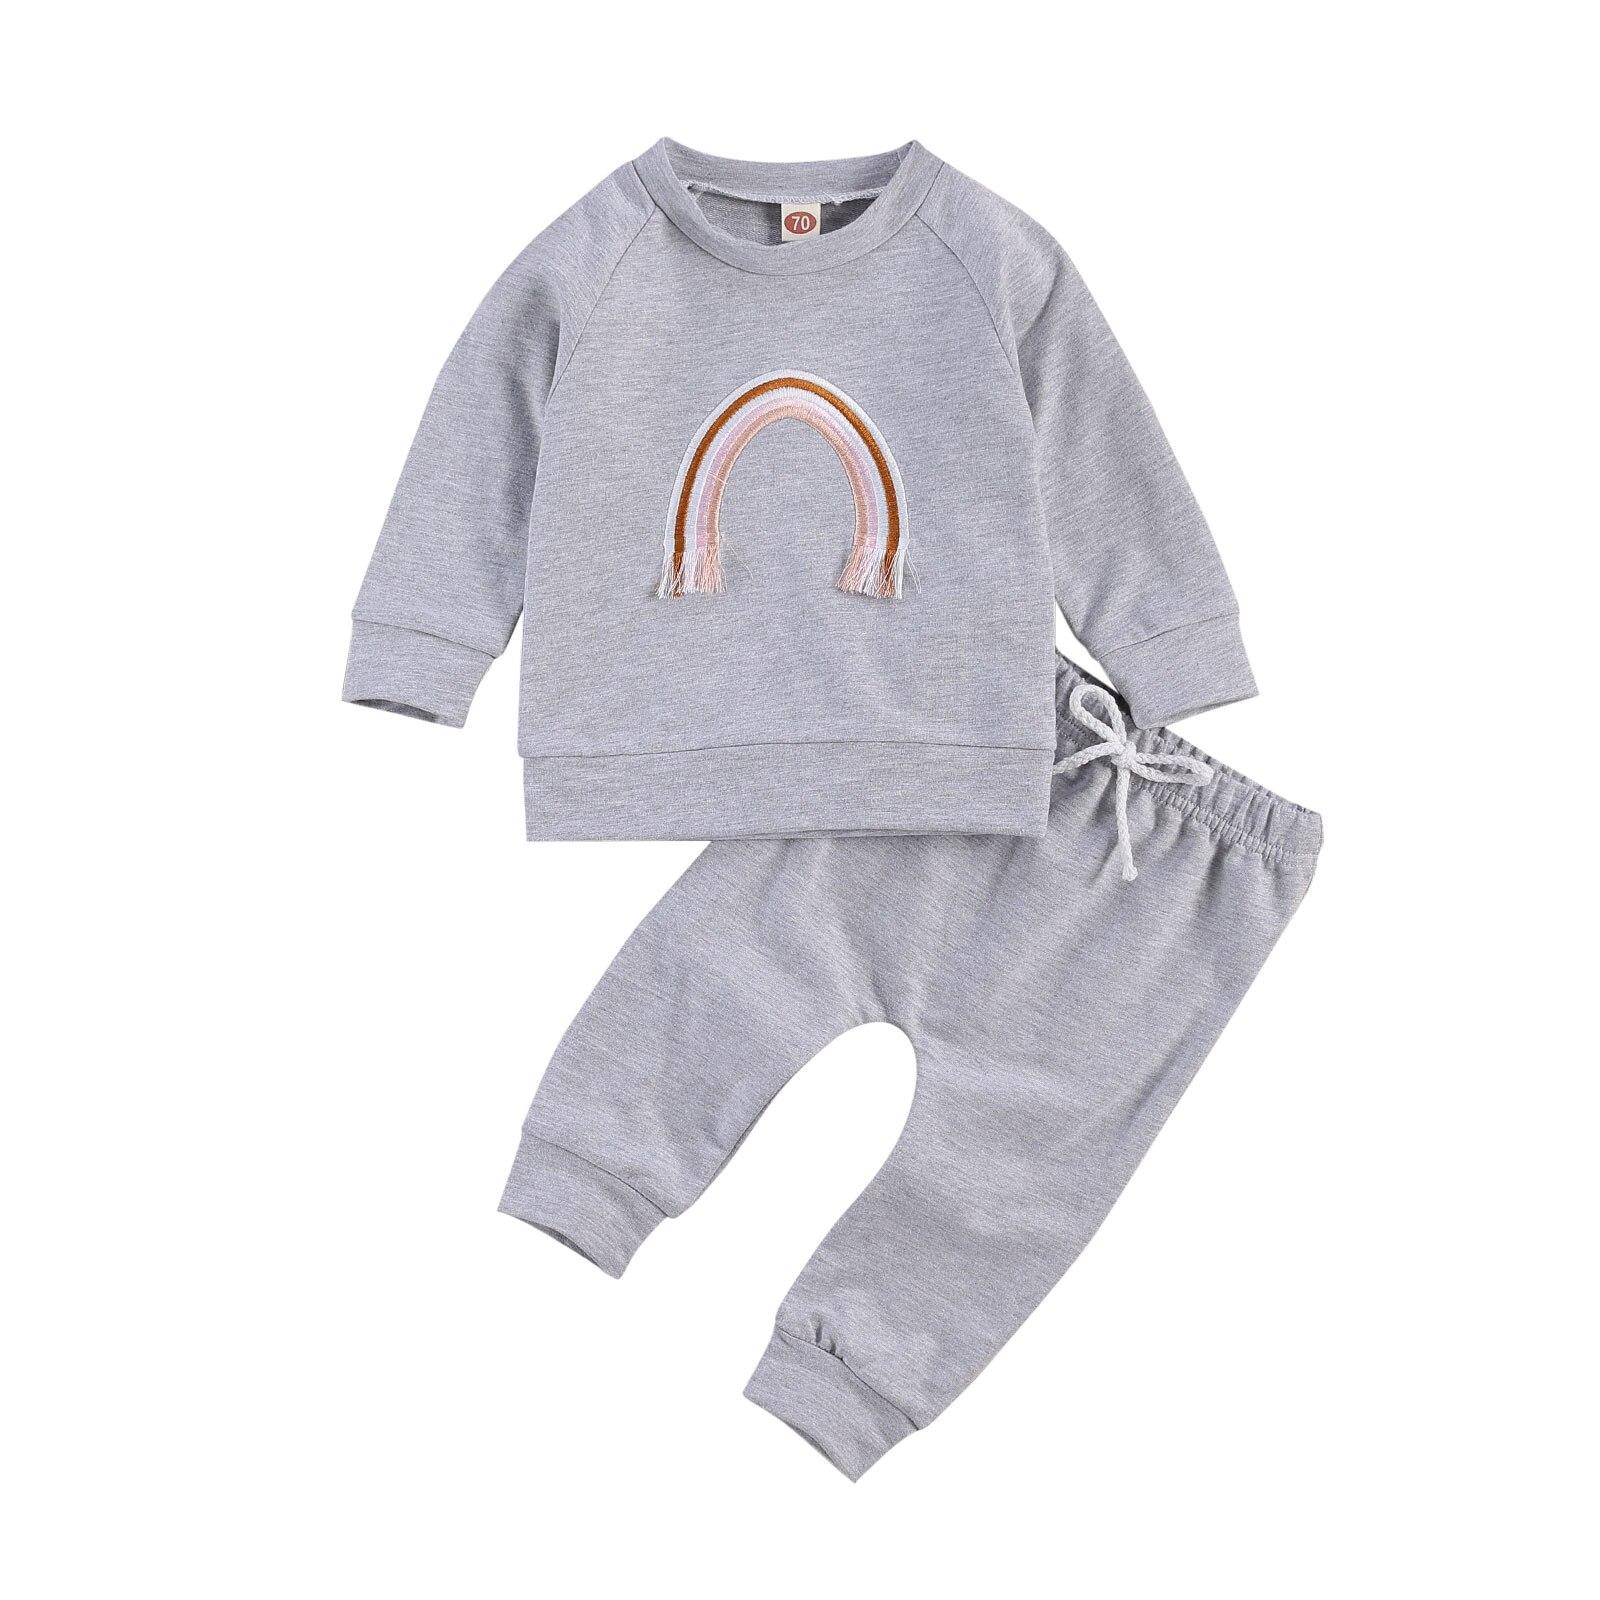 2 adet yenidoğan sonbahar kıyafetleri, bebek uzun kollu yuvarlak boyun nakış gökkuşağı desen Romper + düz renk pantolon